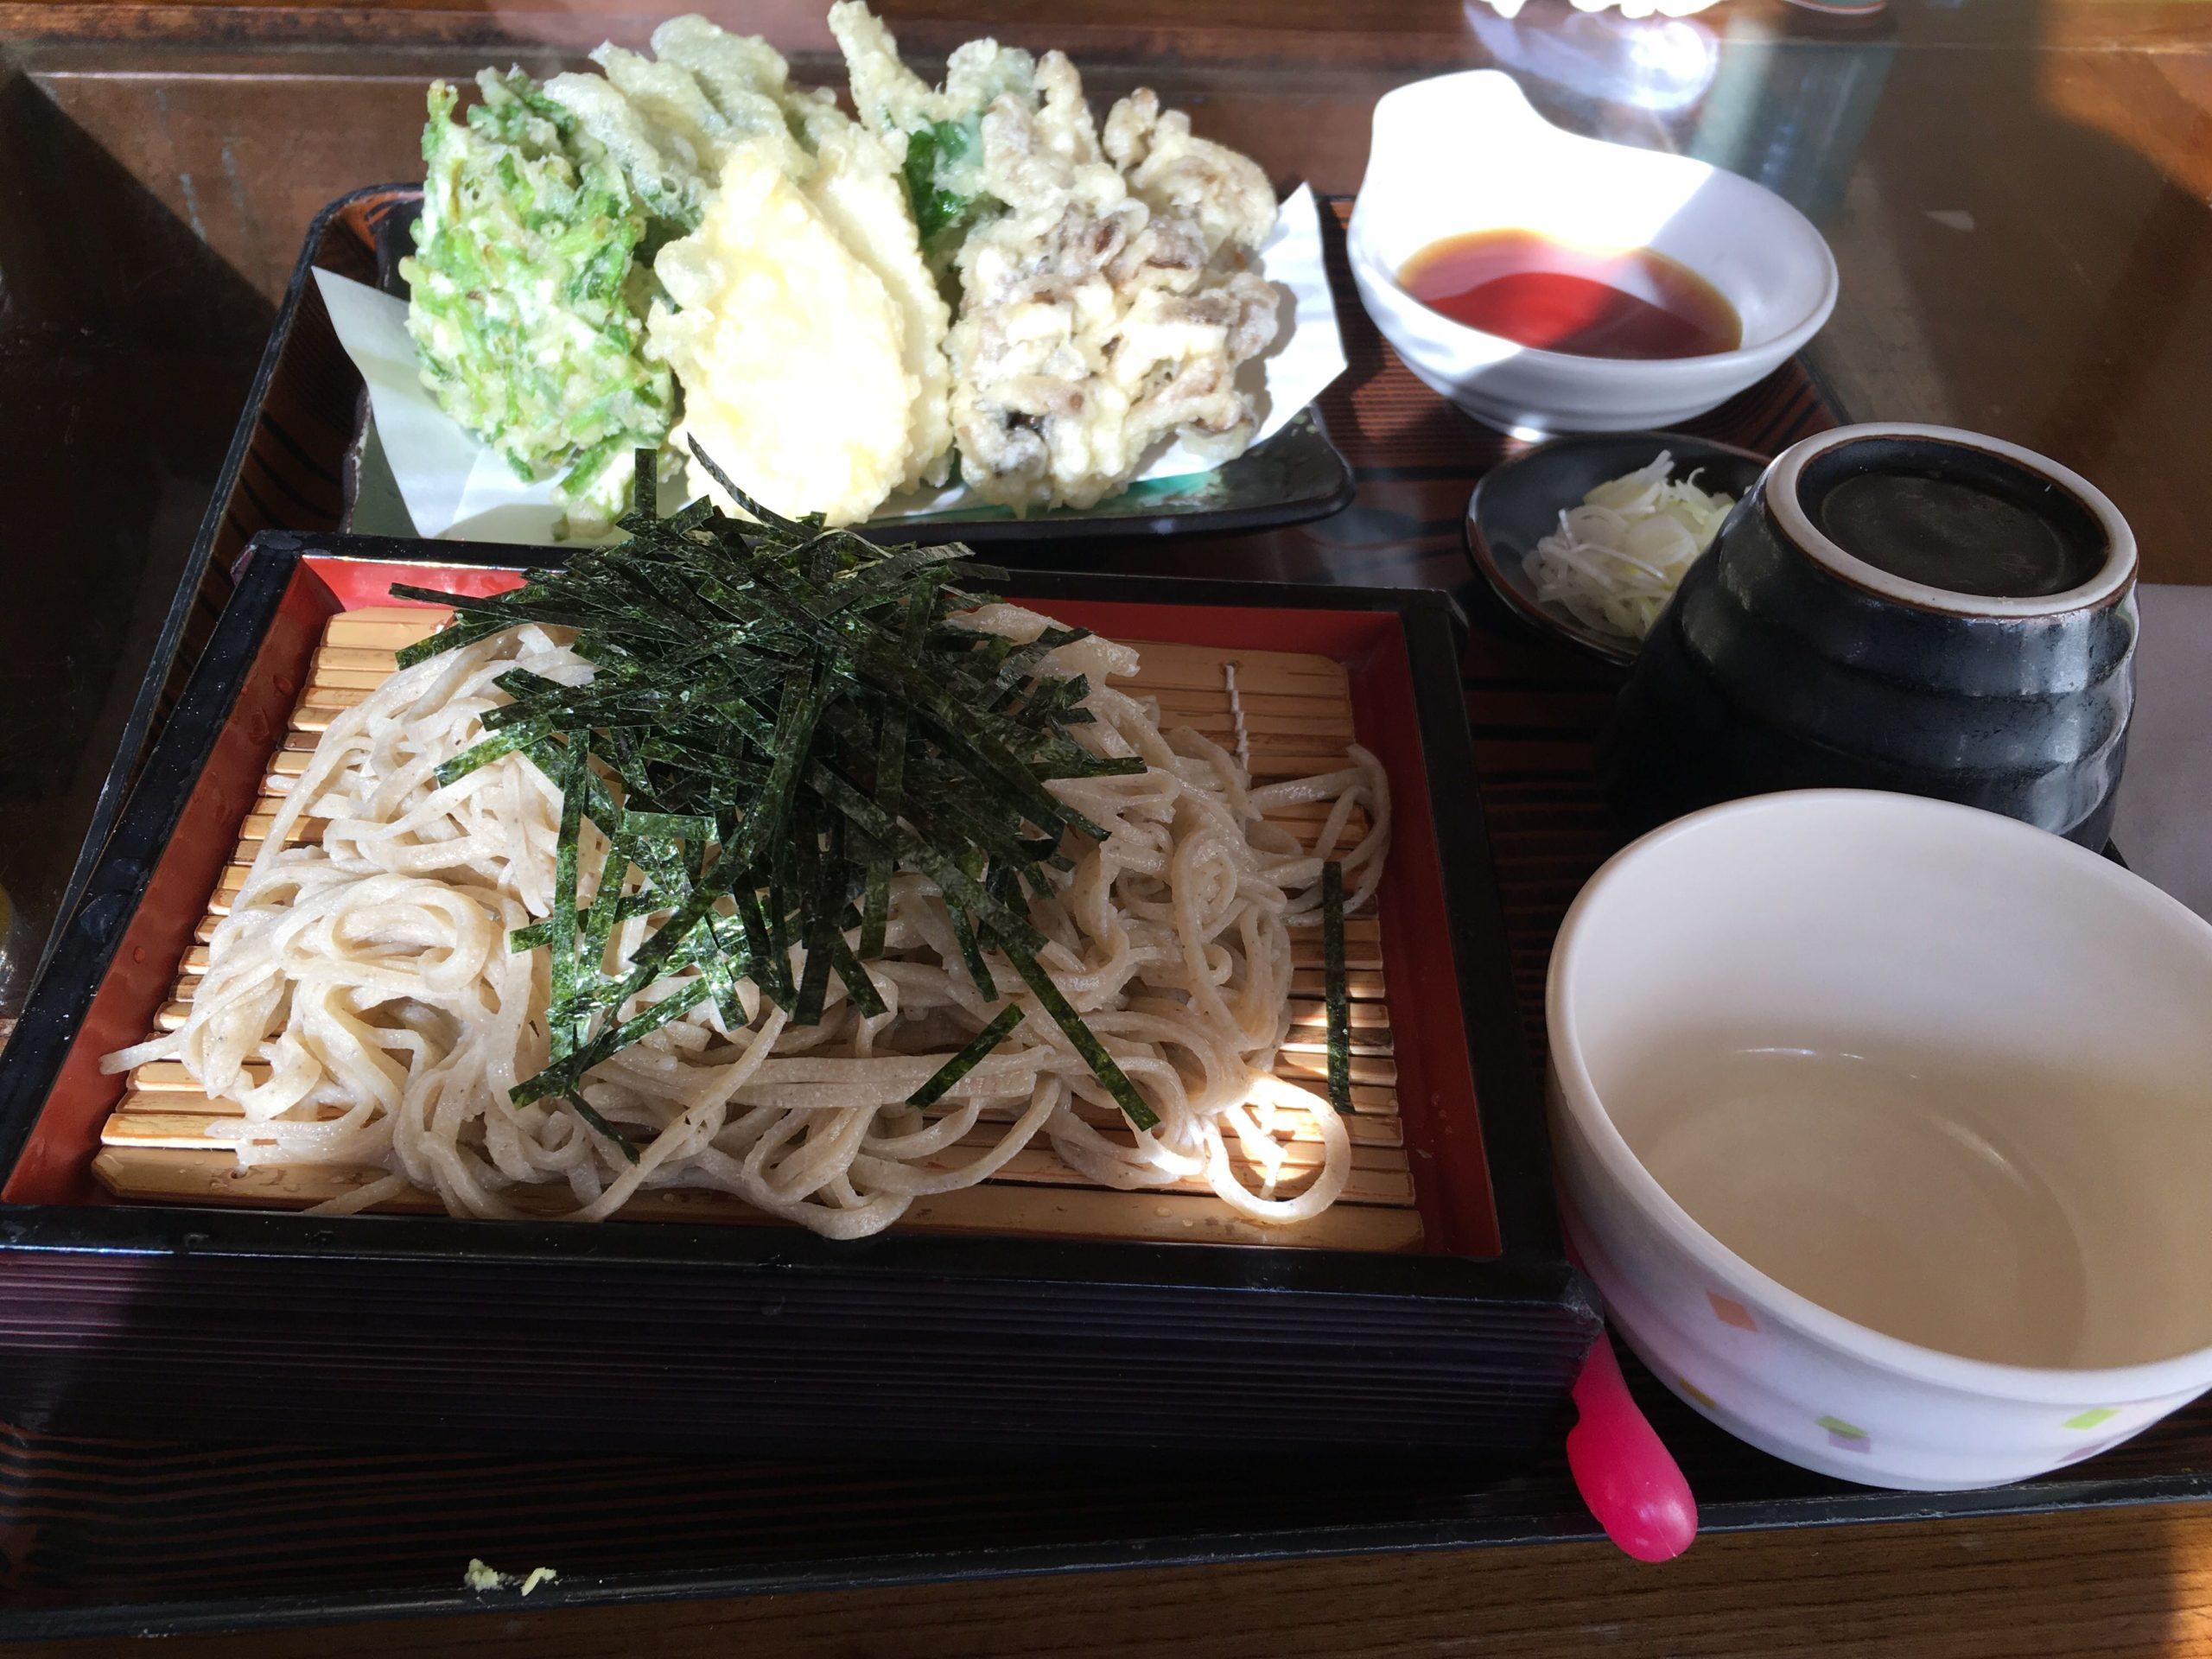 鹿沼そば大越路のそばと天ぷらセット